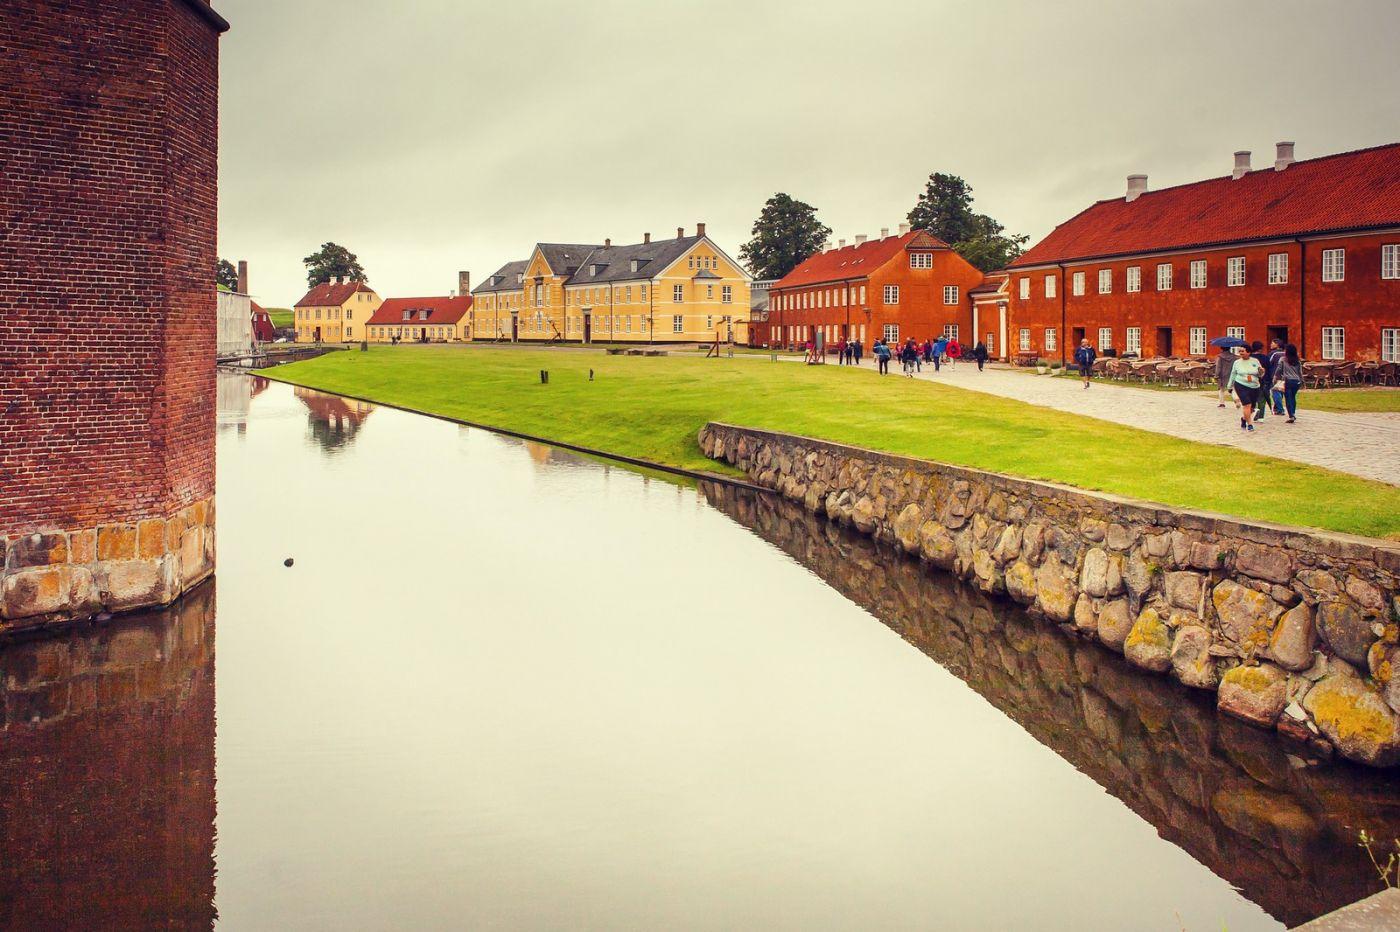 丹麦腓特烈堡城堡,当年的风采_图1-21